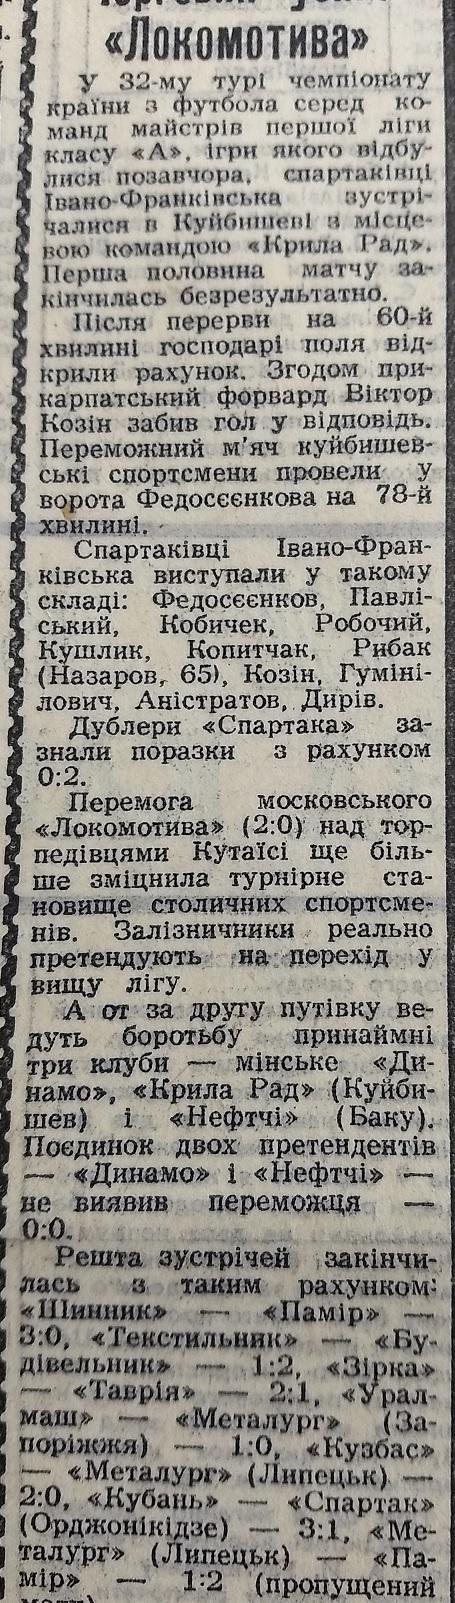 Крылья Советов (Куйбышев) - Спартак (Ивано-Франковск) 2:1